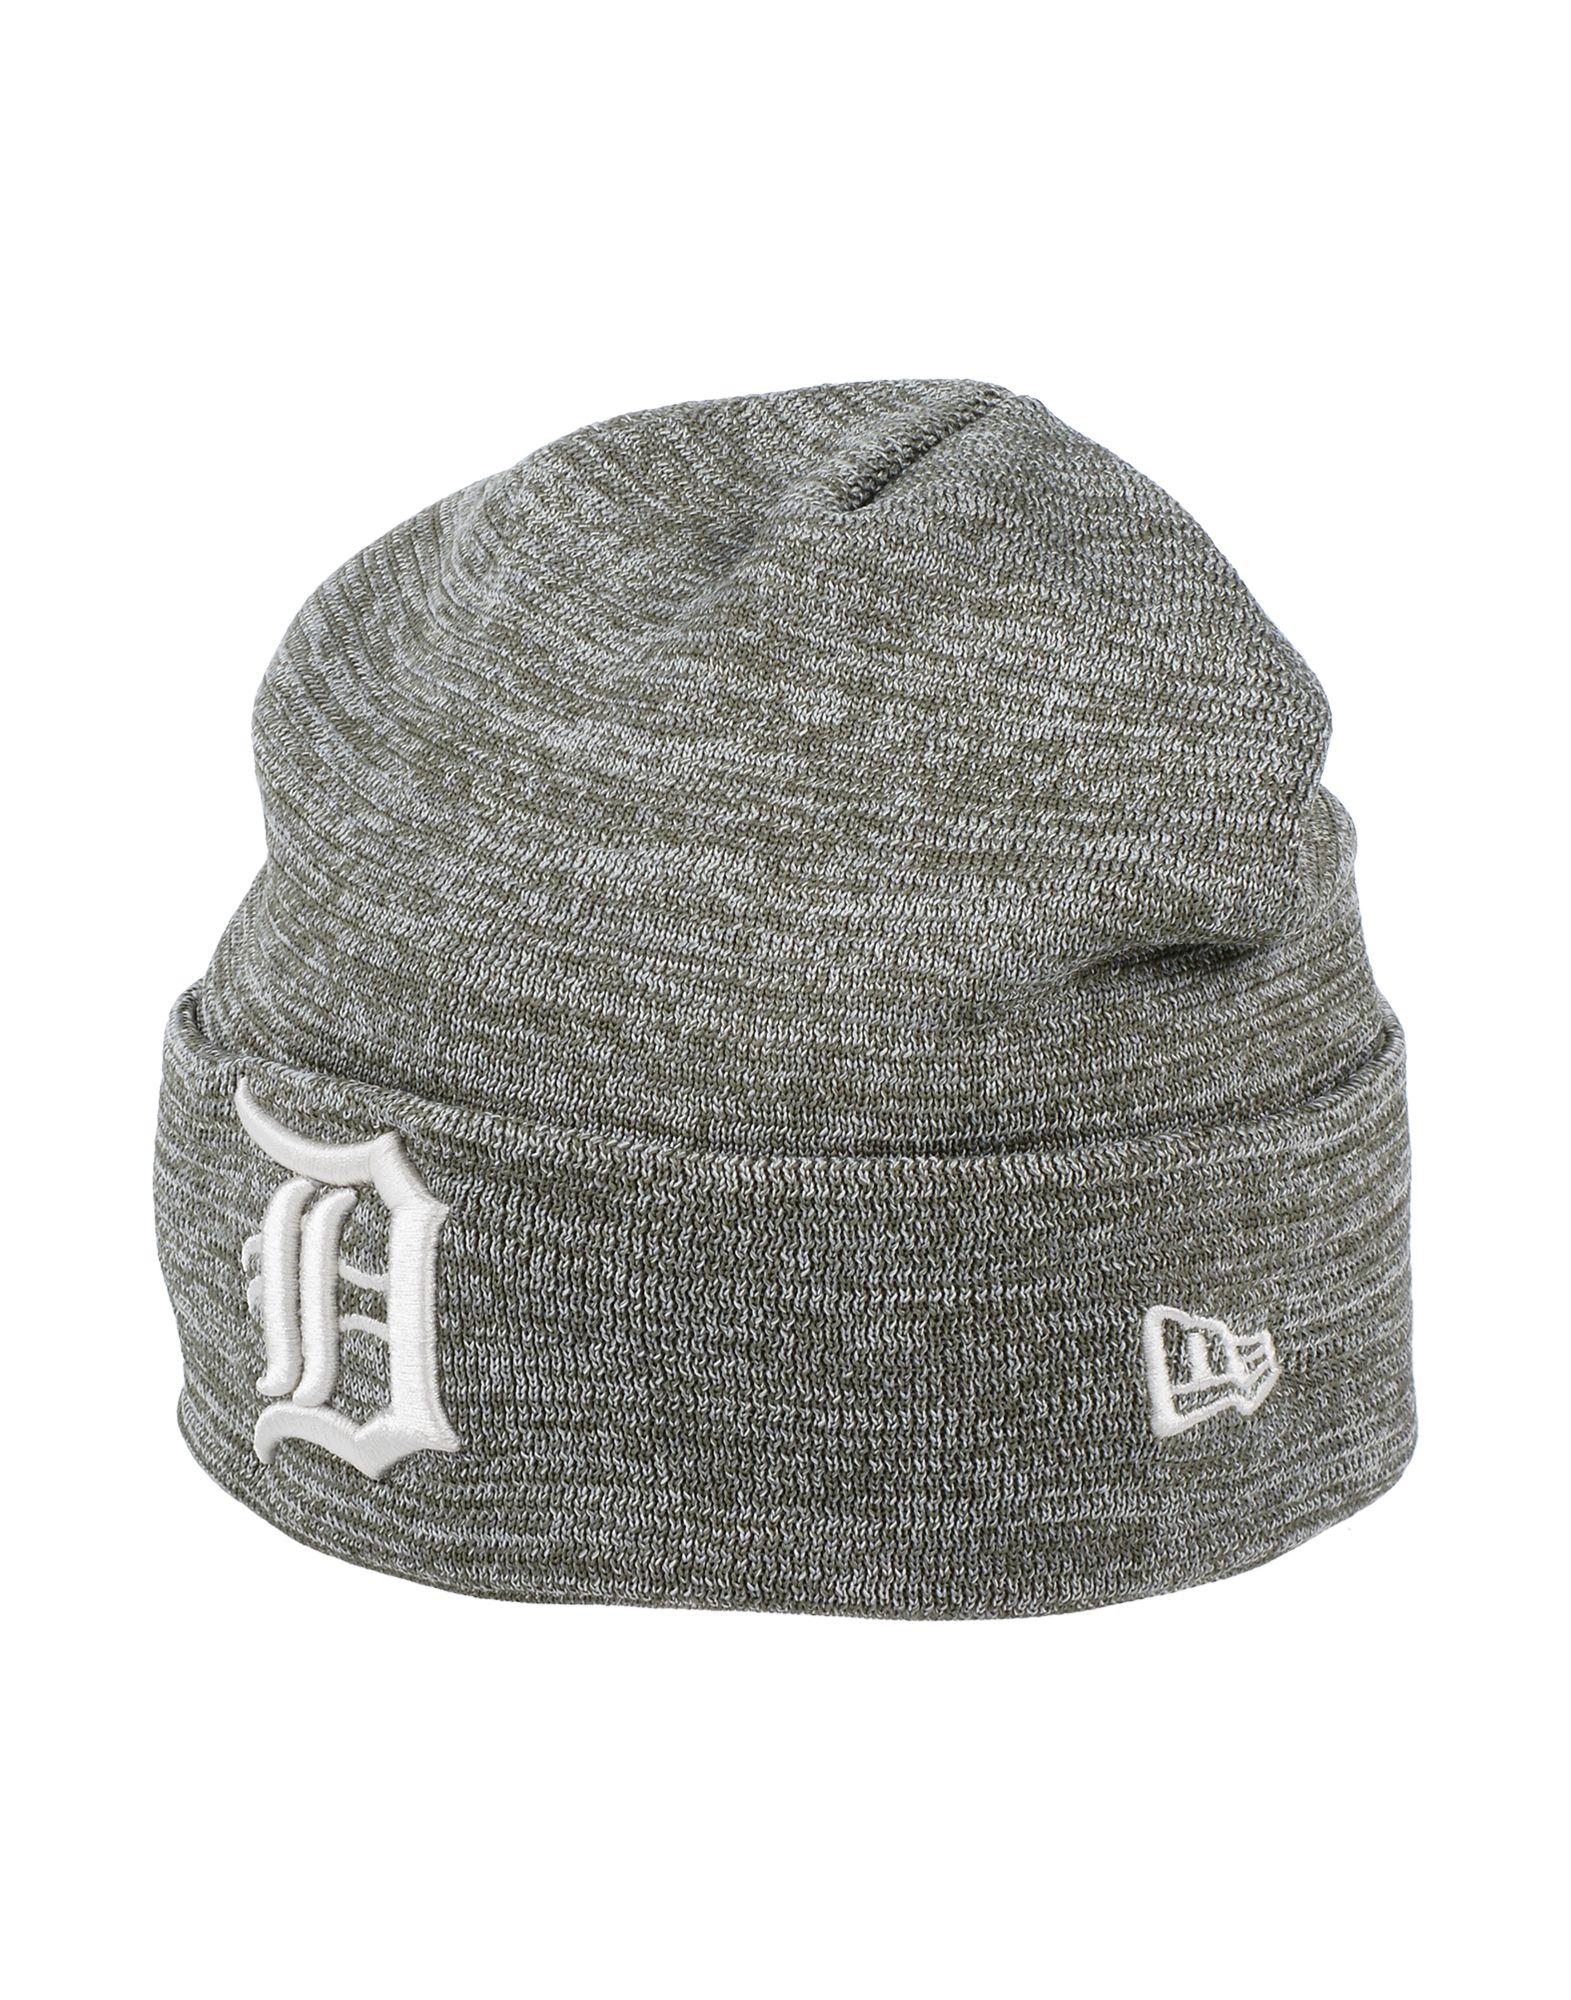 《期間限定 セール開催中》NEW ERA メンズ 帽子 ミリタリーグリーン one size ポリエステル 100%